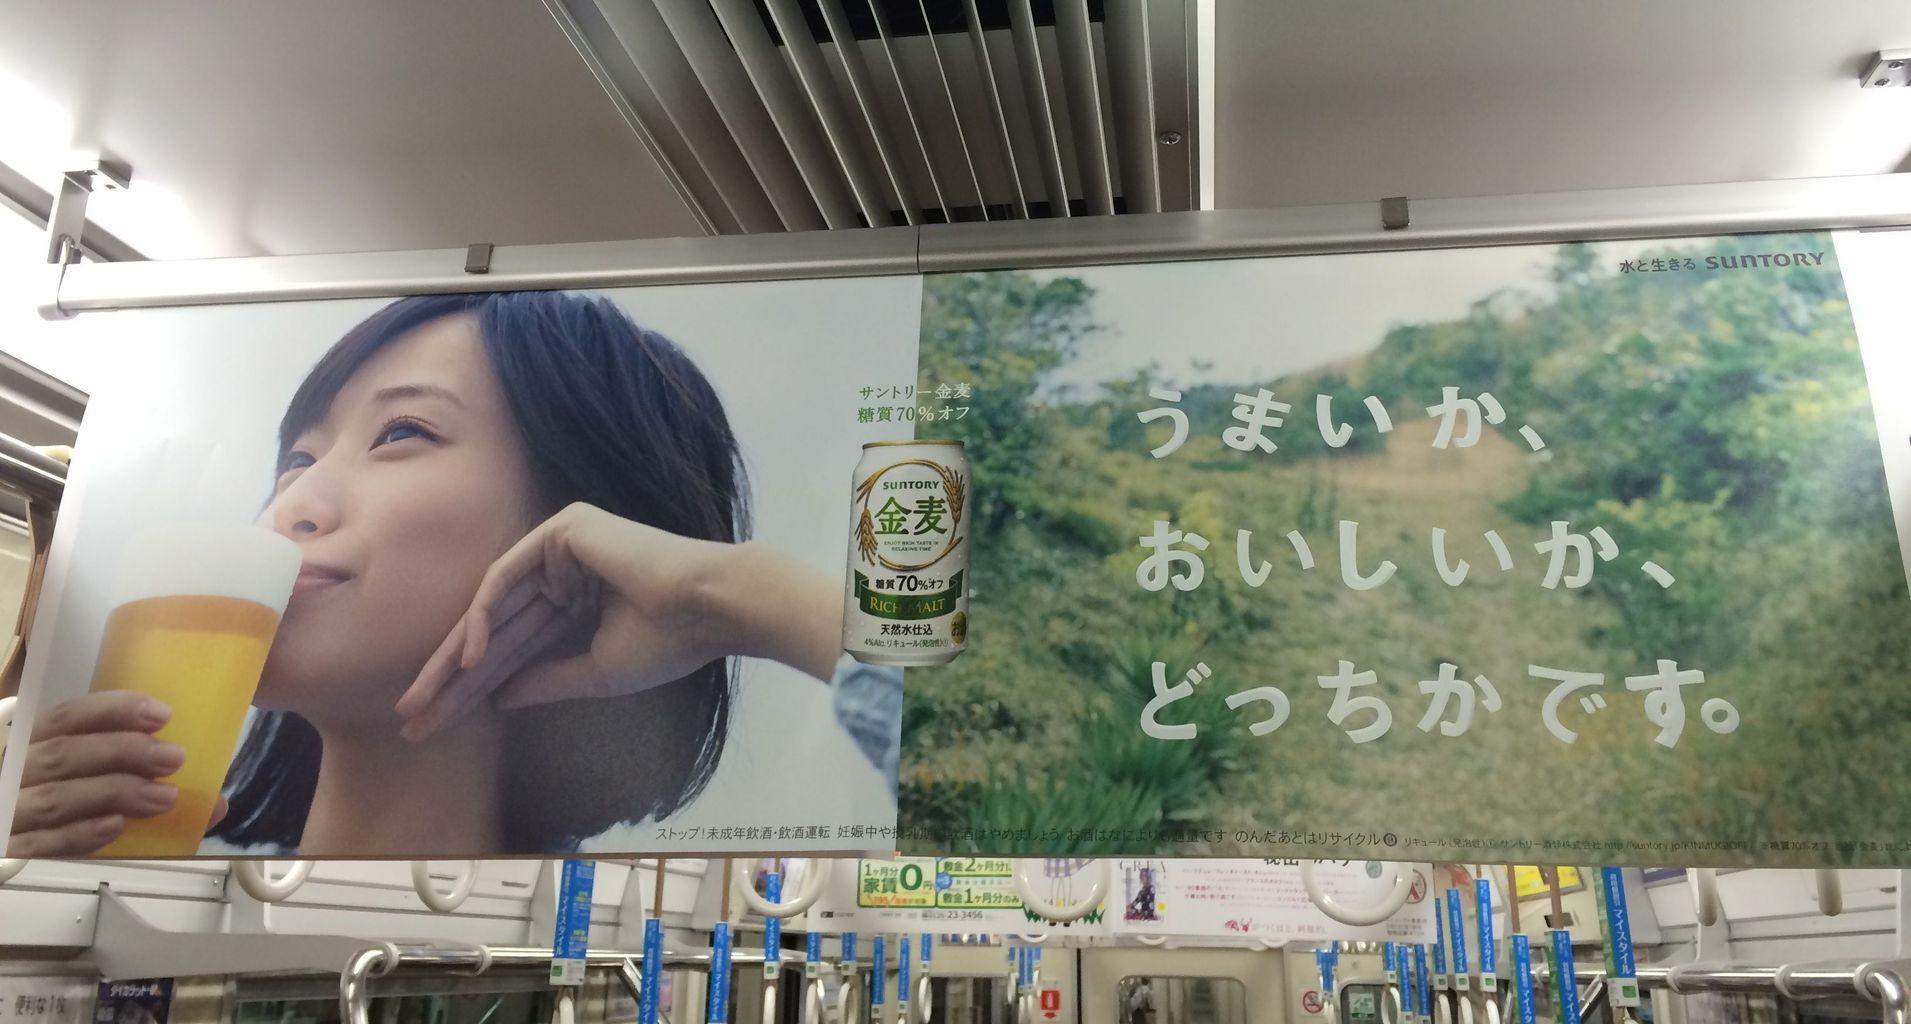 戸田恵梨香@サントリー金麦オフ 電車中吊り広告